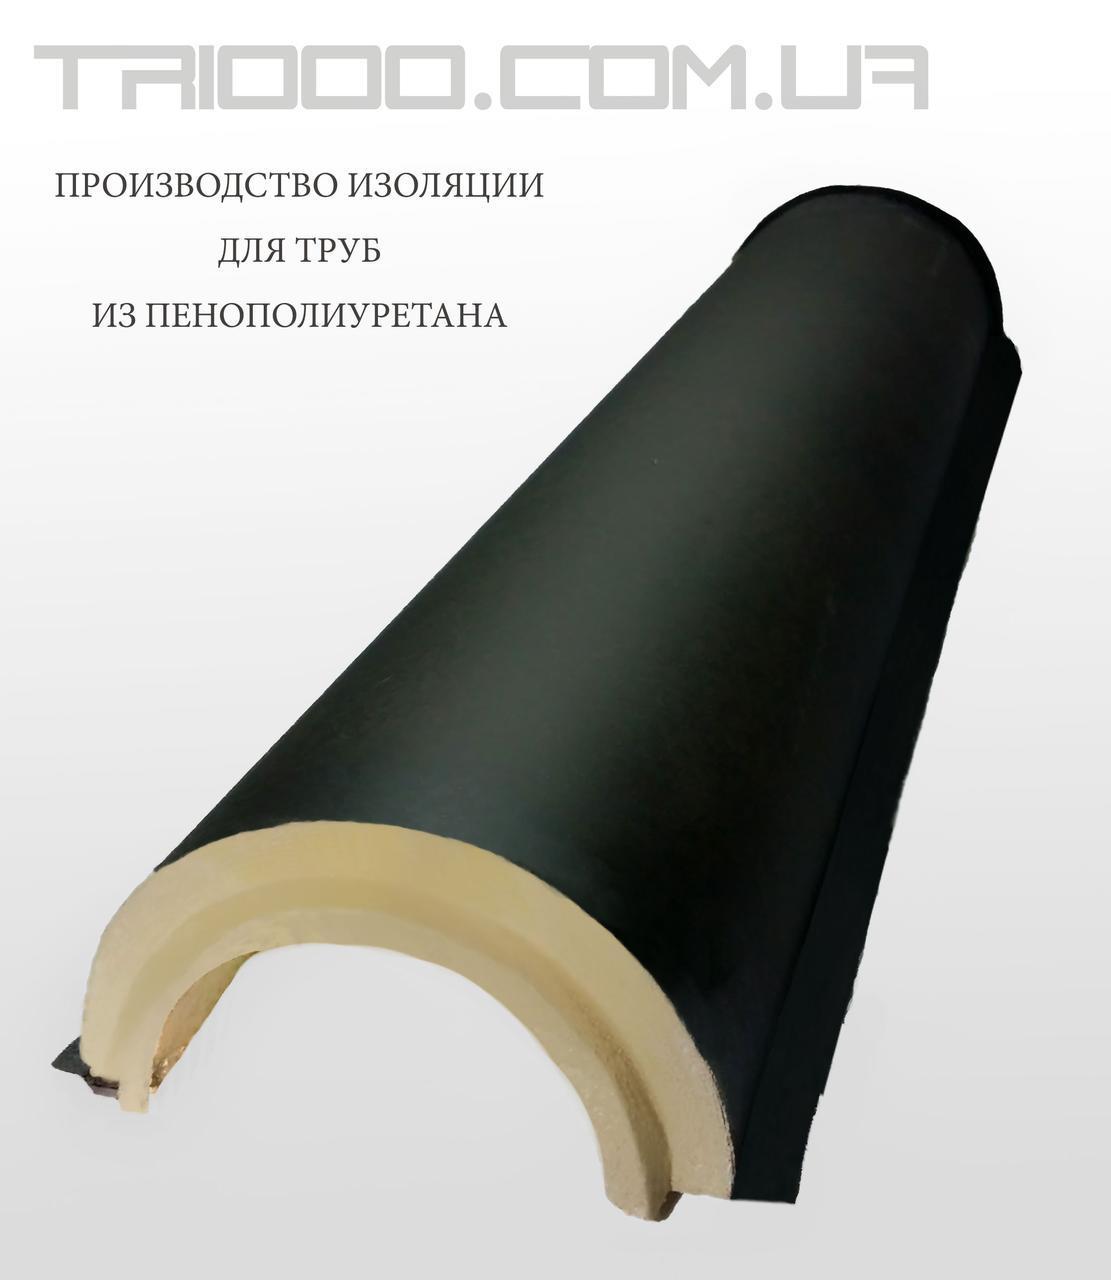 Сегменты теплоизоляционные для труб Ø 108/40 мм в покрытии из пергамина